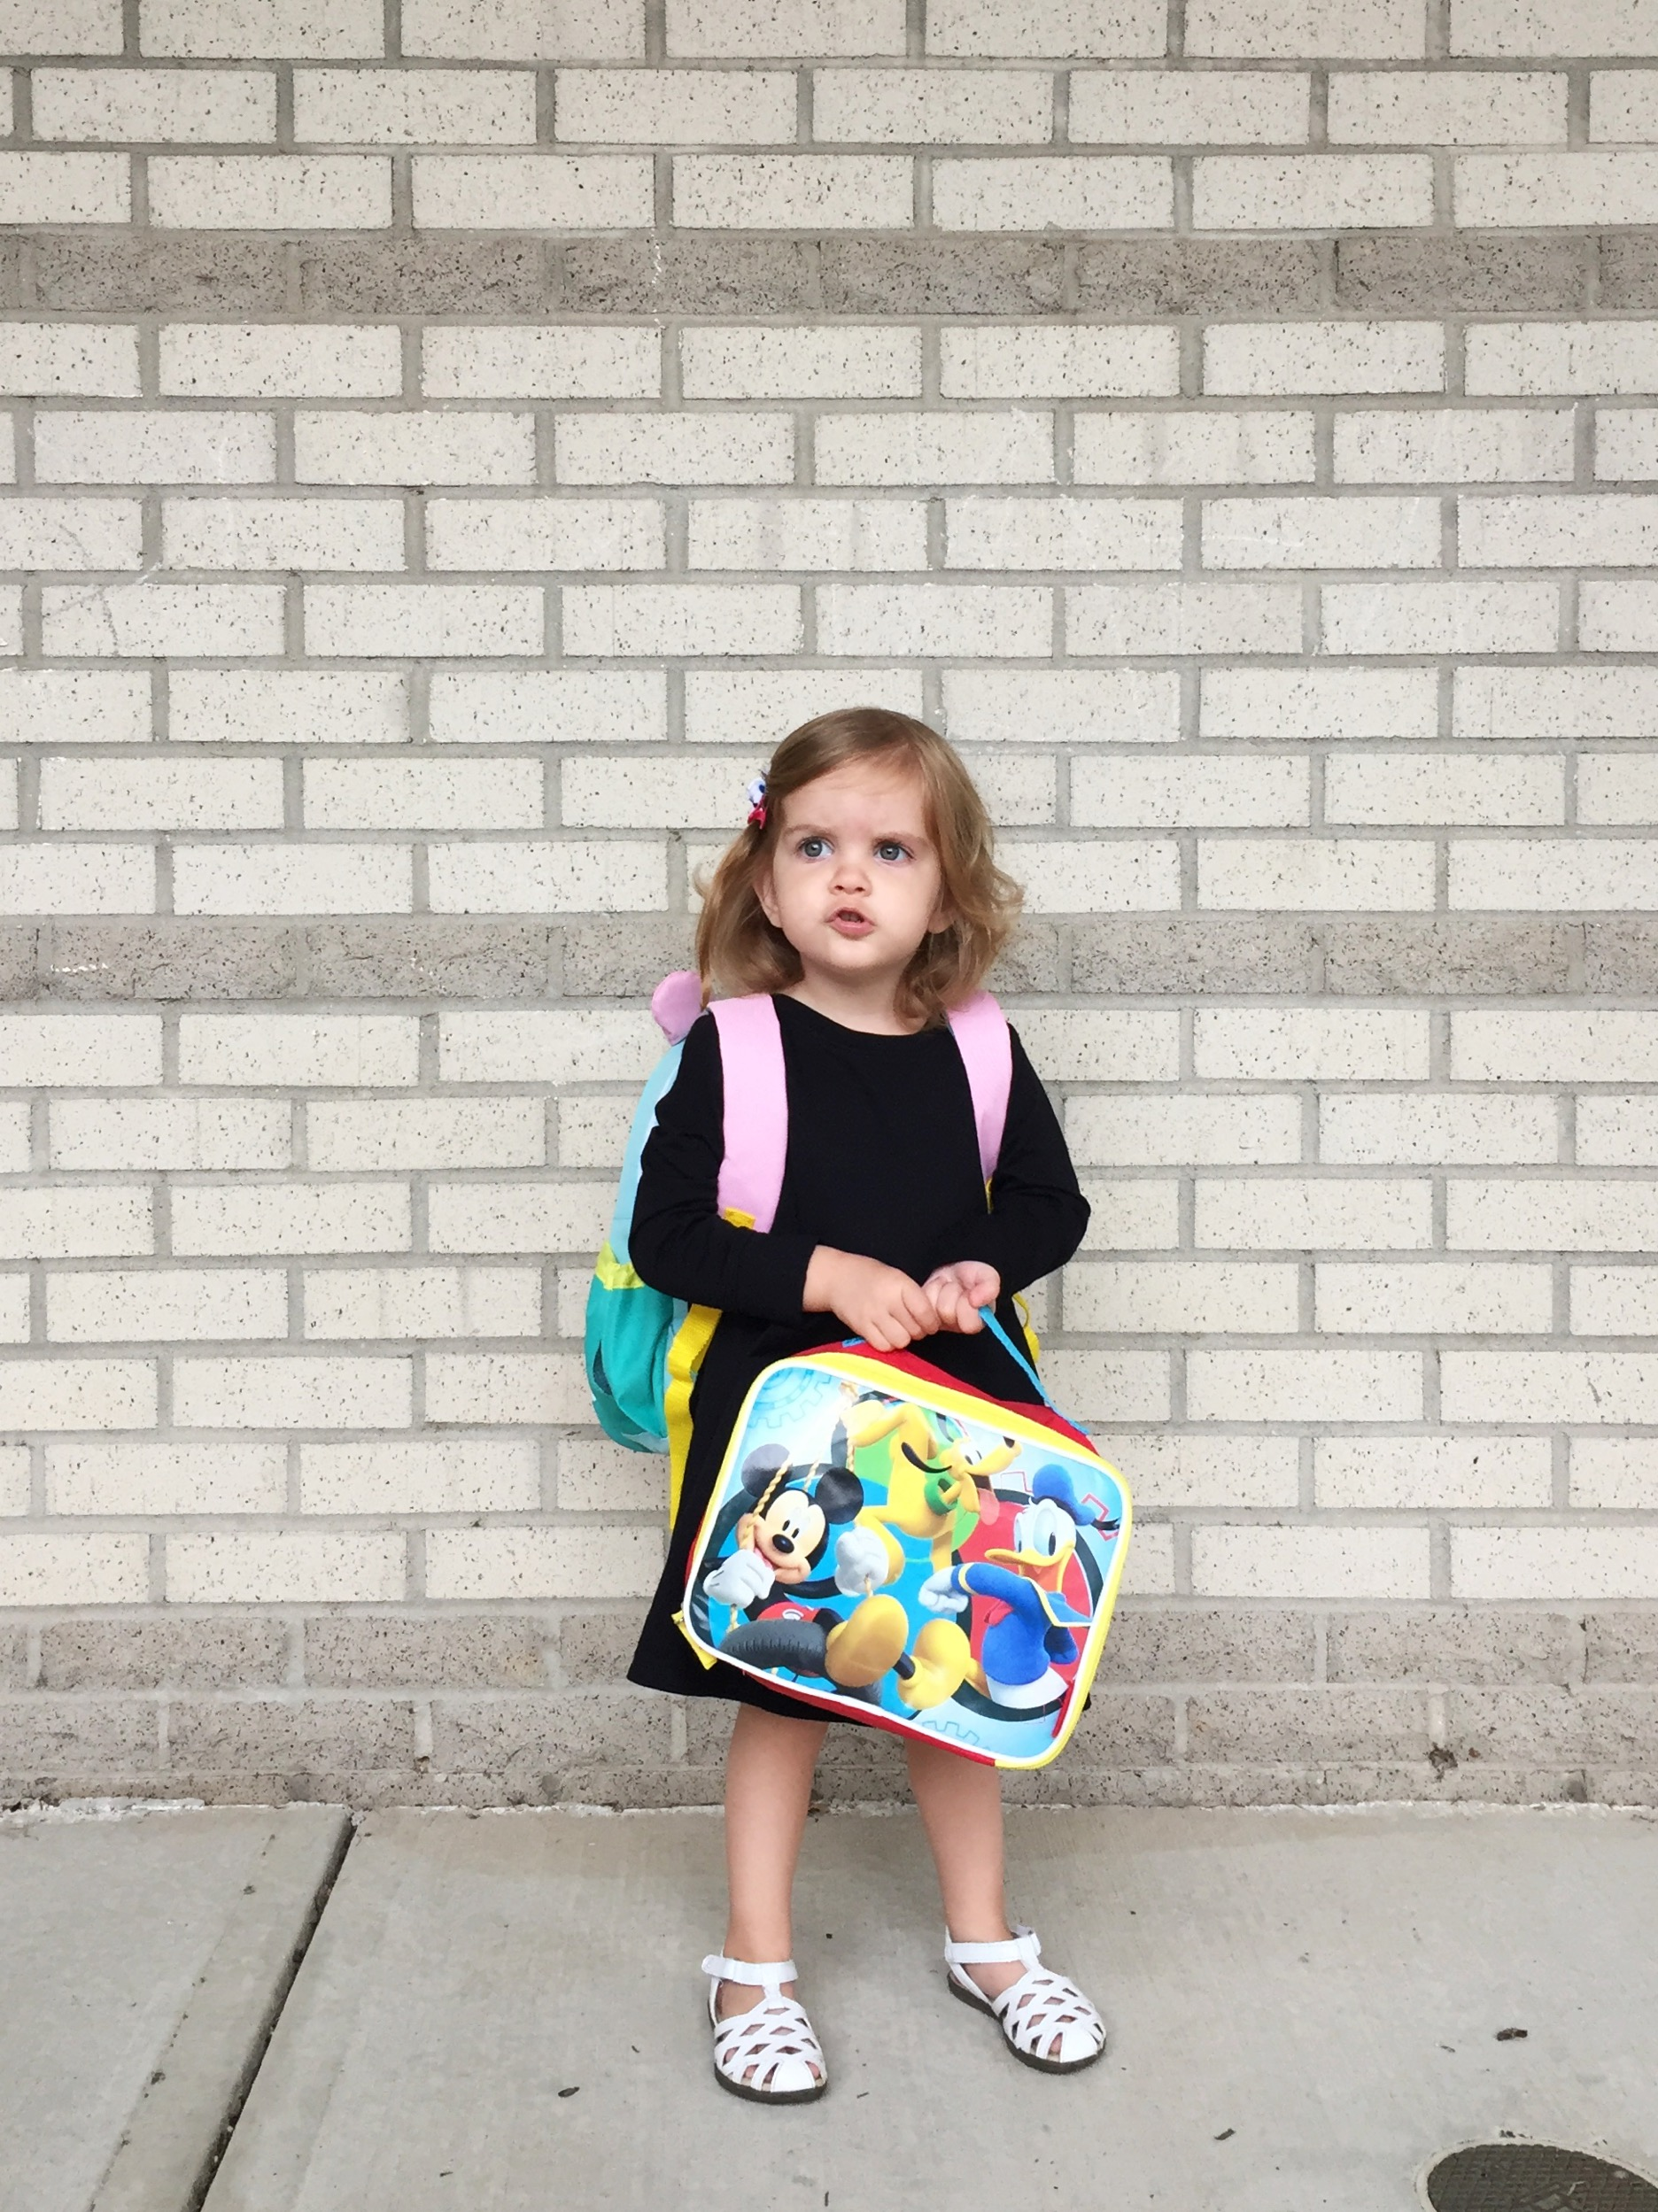 Sassy toddler or sassy teenager?